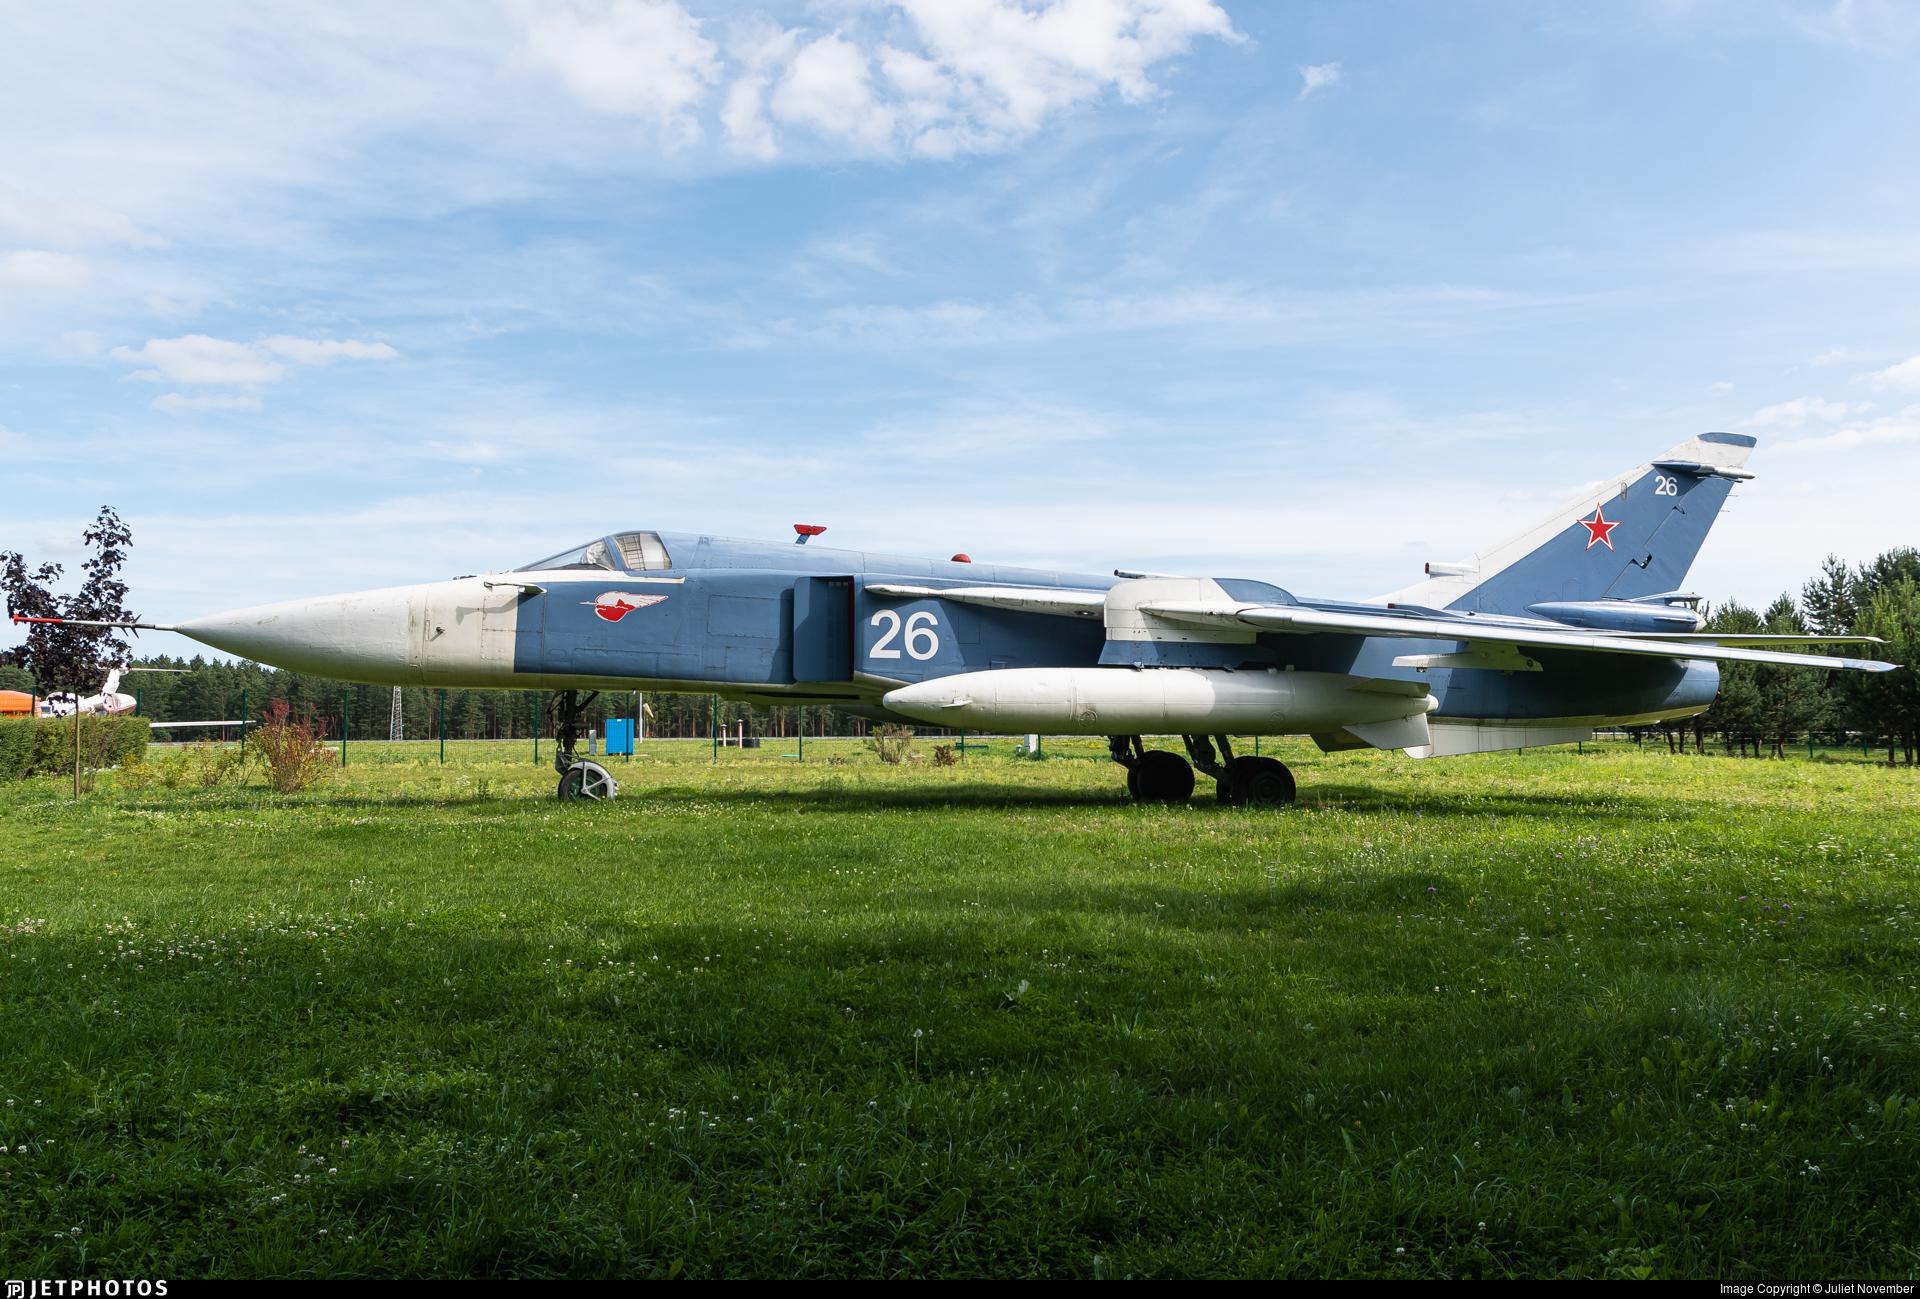 26 - Sukhoi Su-24M Fencer - Belarus - Air Force